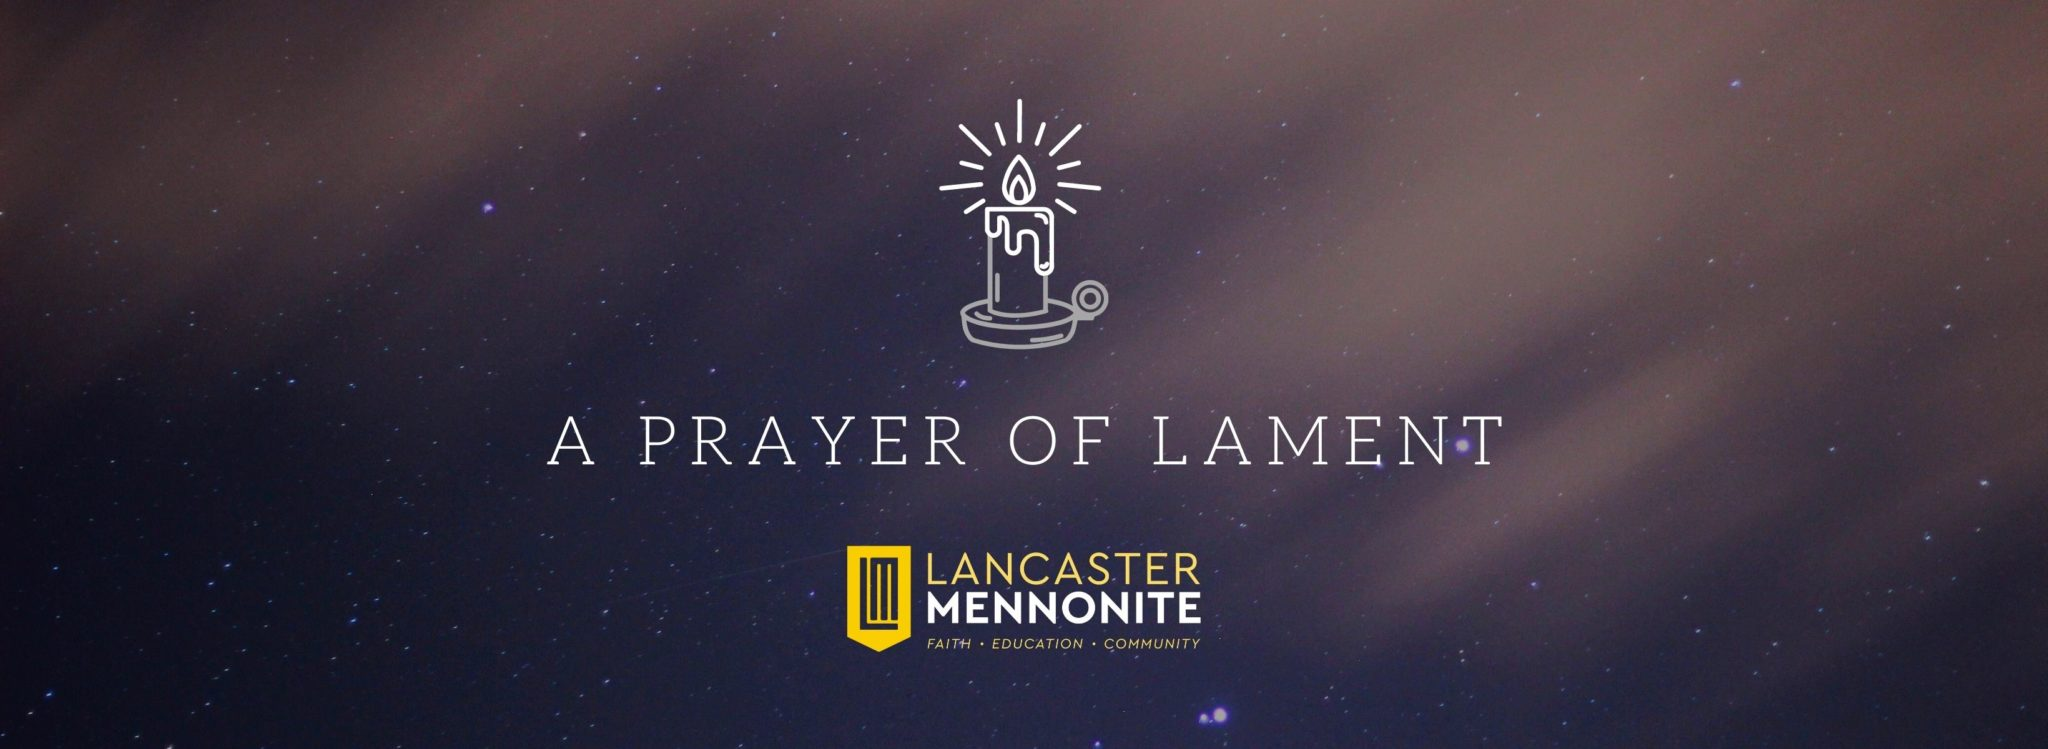 a prayer of lament banner